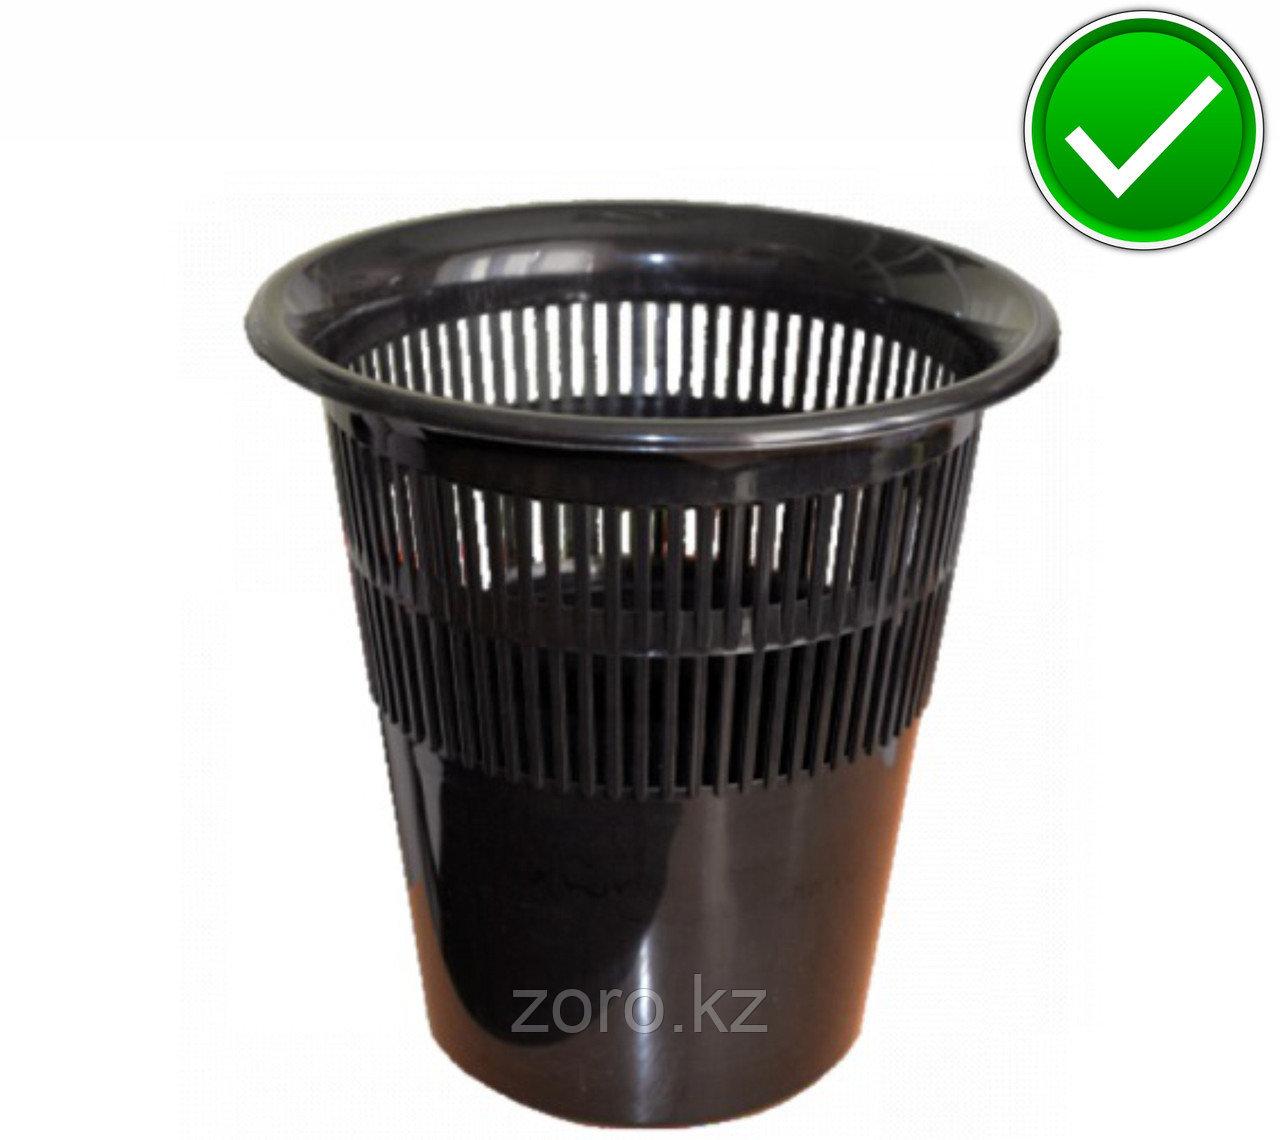 Урна ведро сетка пластиковая офисная корзина для мусора